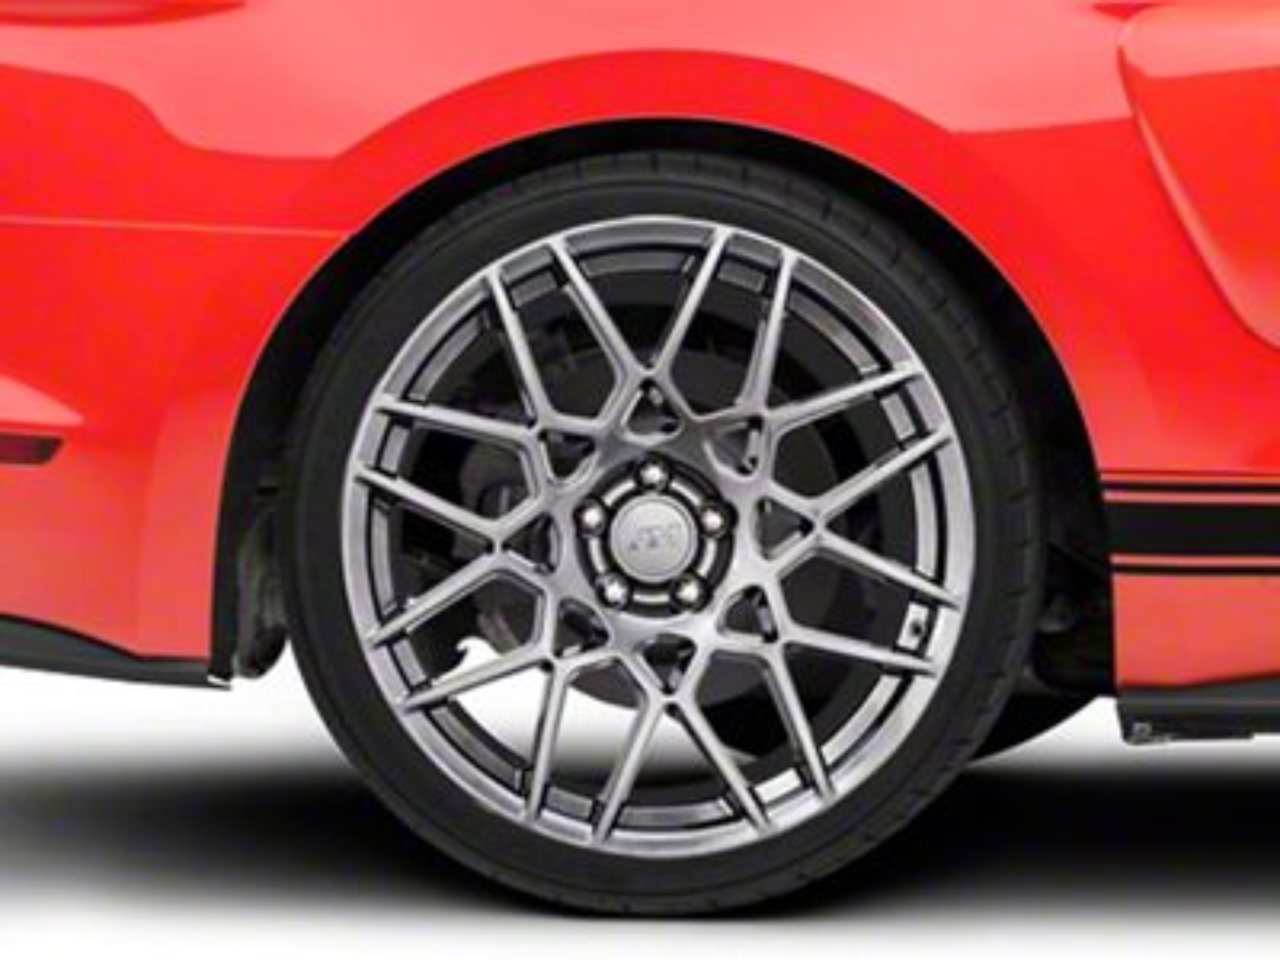 2013 GT500 Style Hyper Dark Wheel - 20x10 - Rear Only (15-19 All)